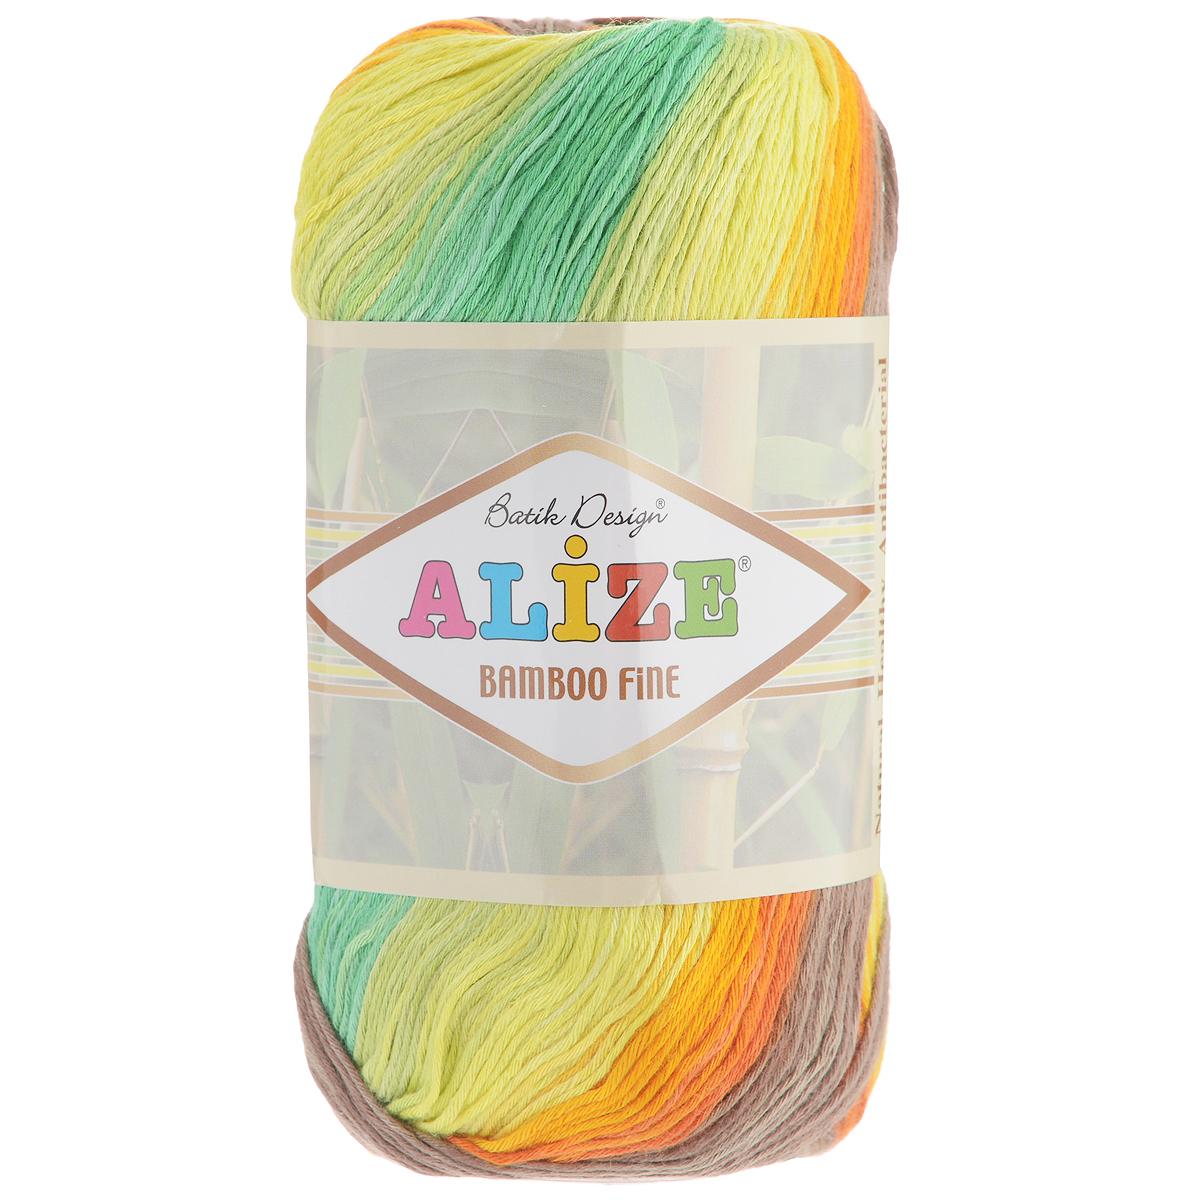 Пряжа для вязания Alize Bamboo Fine, цвет: желтый, зеленый, оранжевый (4559), 440 м, 100 г, 5 шт пряжа для вязания alize bamboo fine цвет зеленый синий фиолетовый 3260 440 м 100 г 5 шт